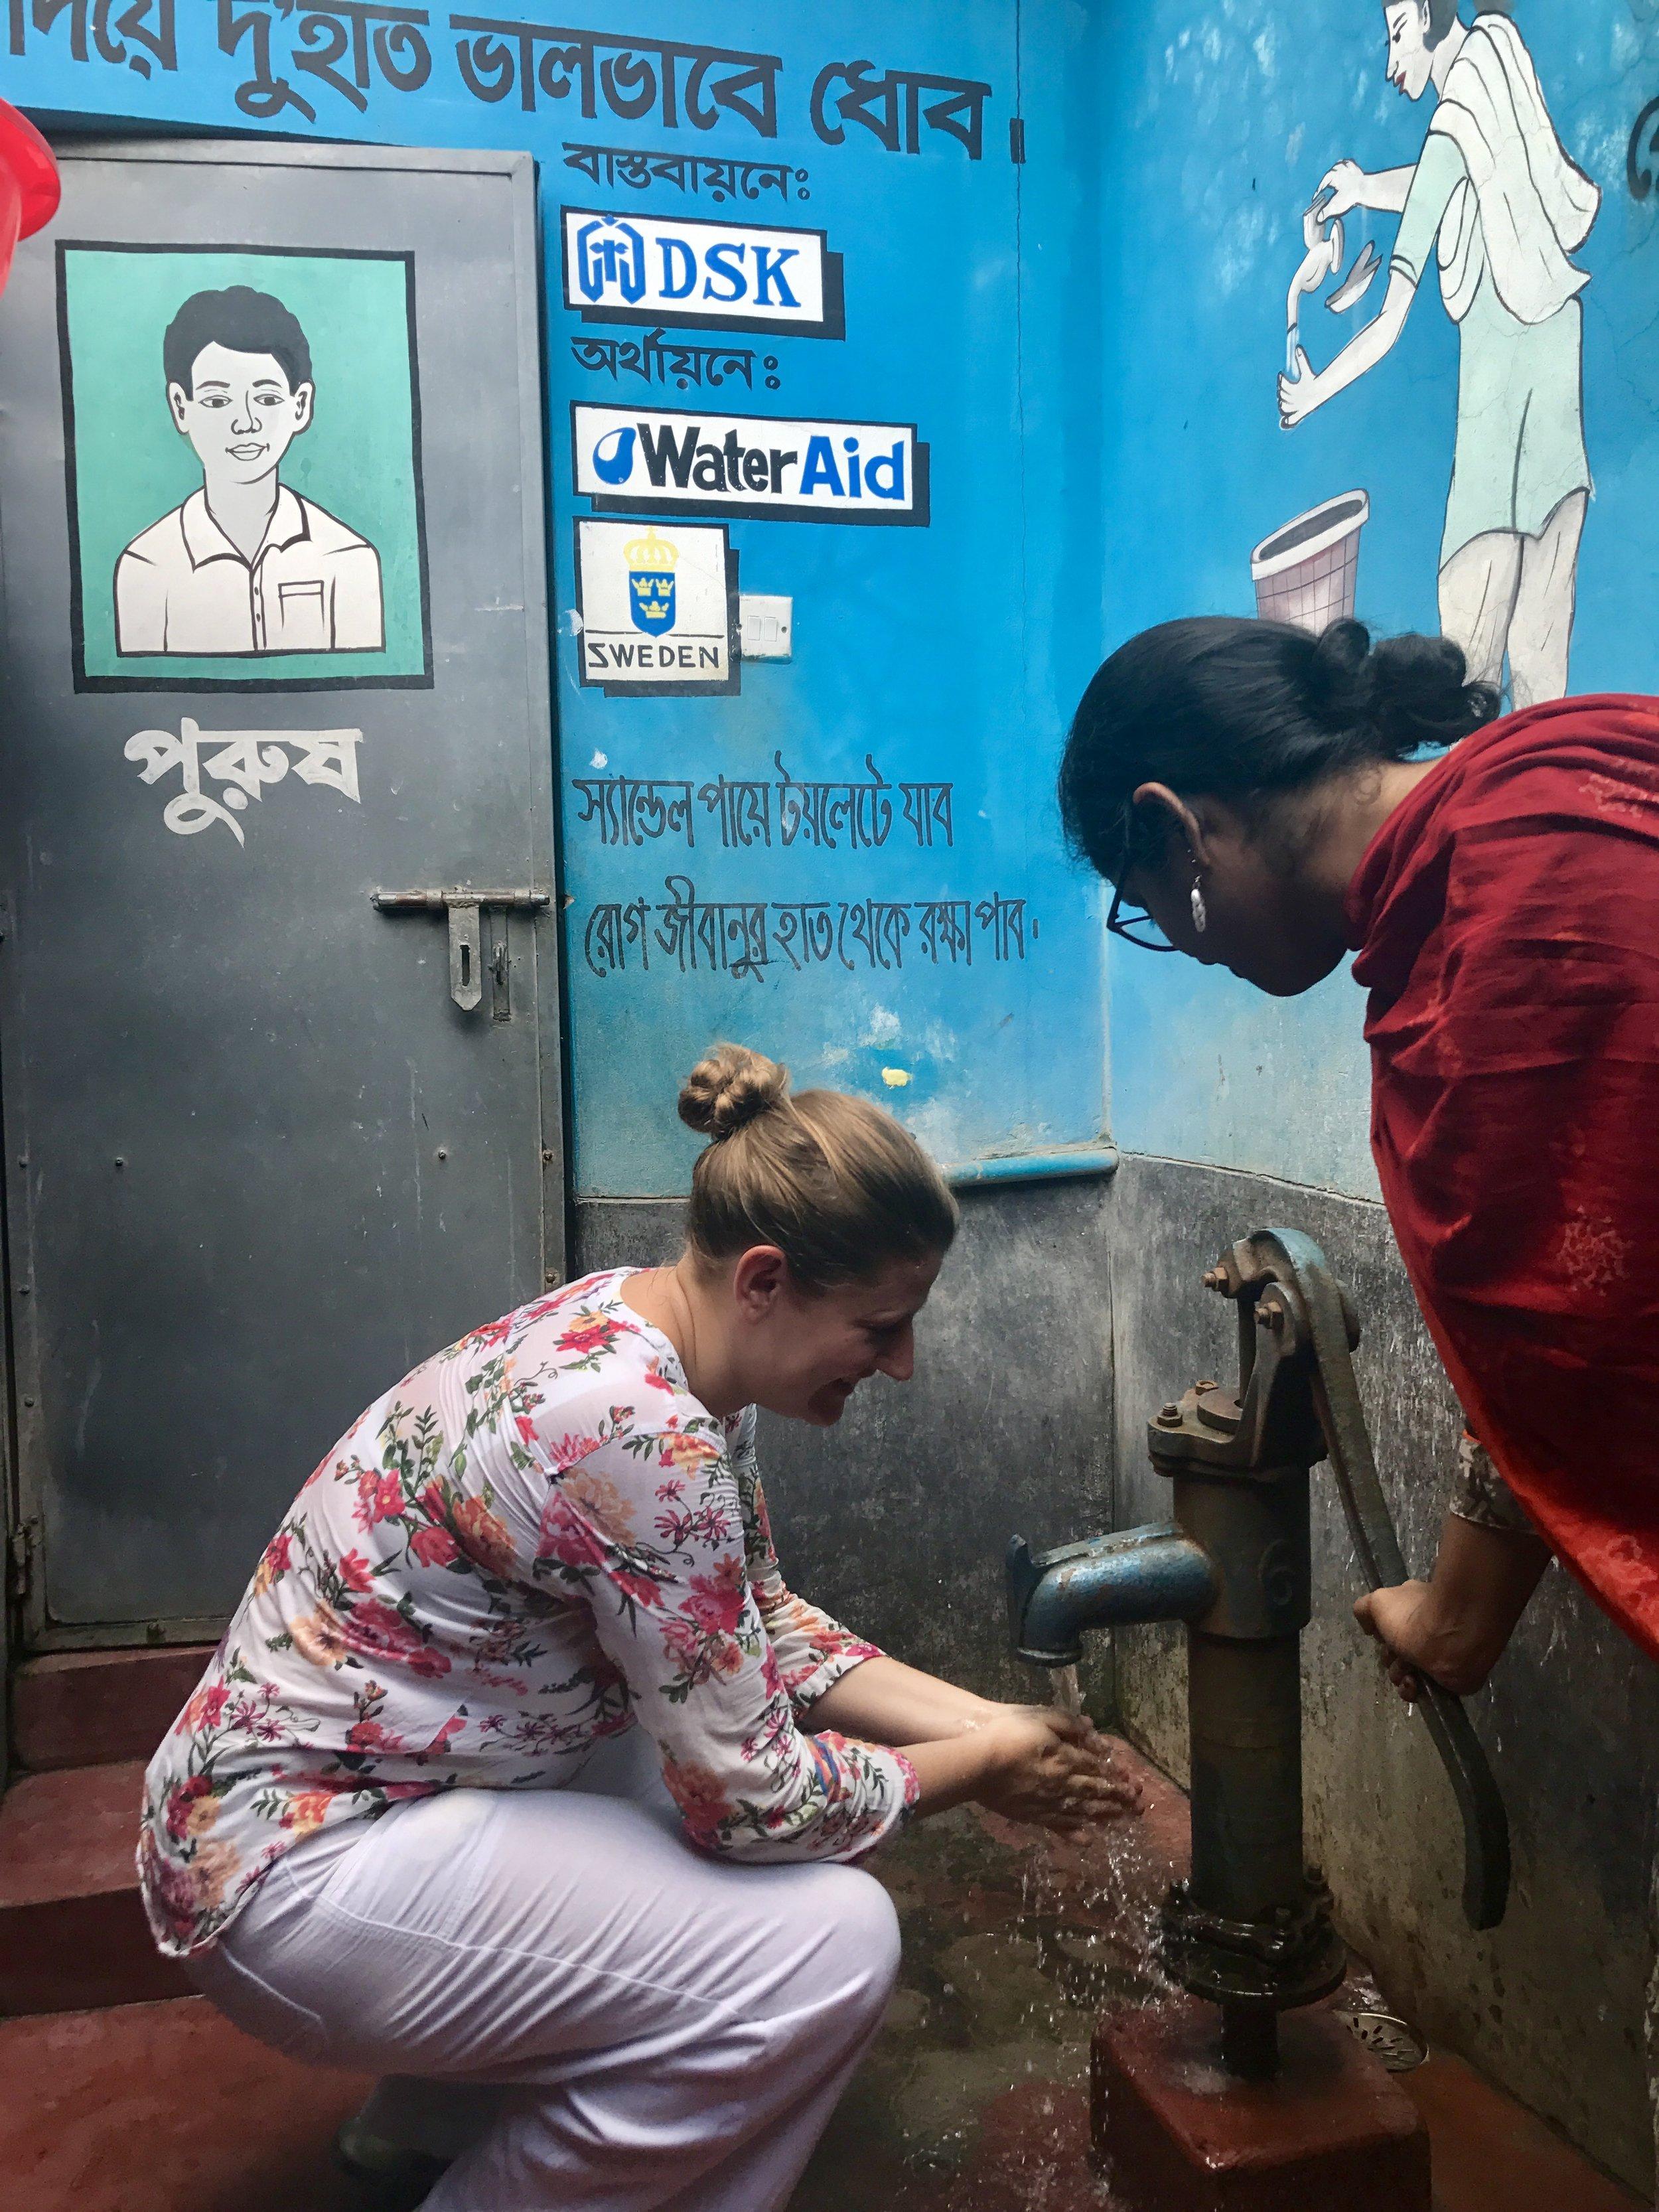 water aid.jpg